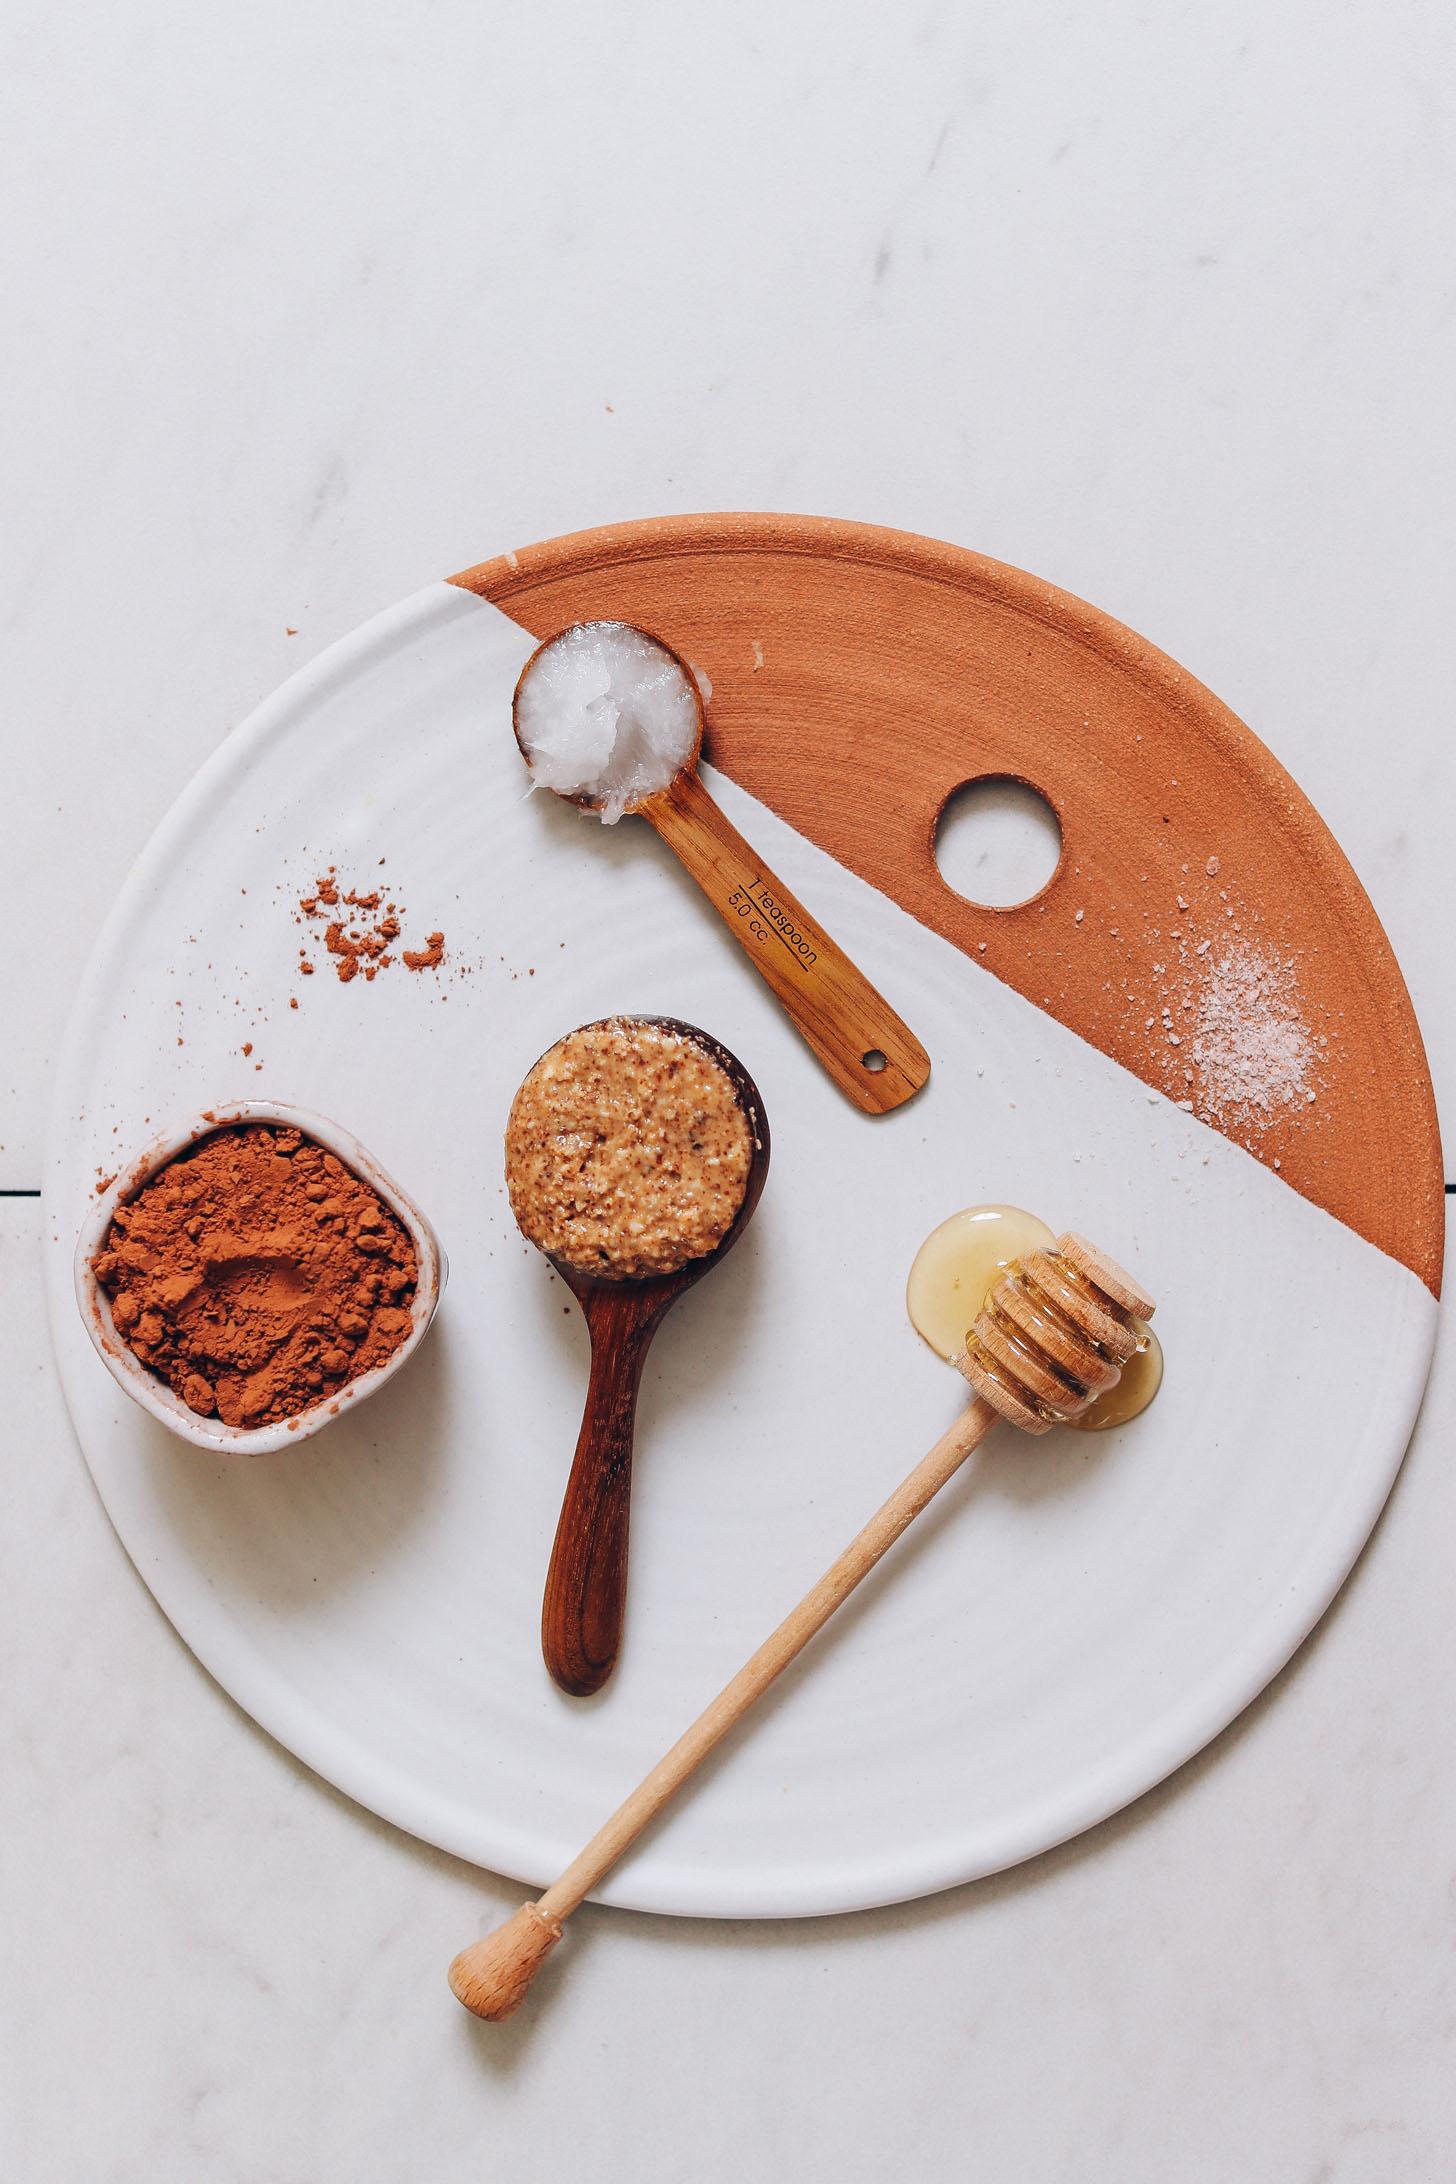 Bandeja de arcilla y cerámica con miel, mantequilla de almendras, sal, aceite de coco y cacao en polvo.